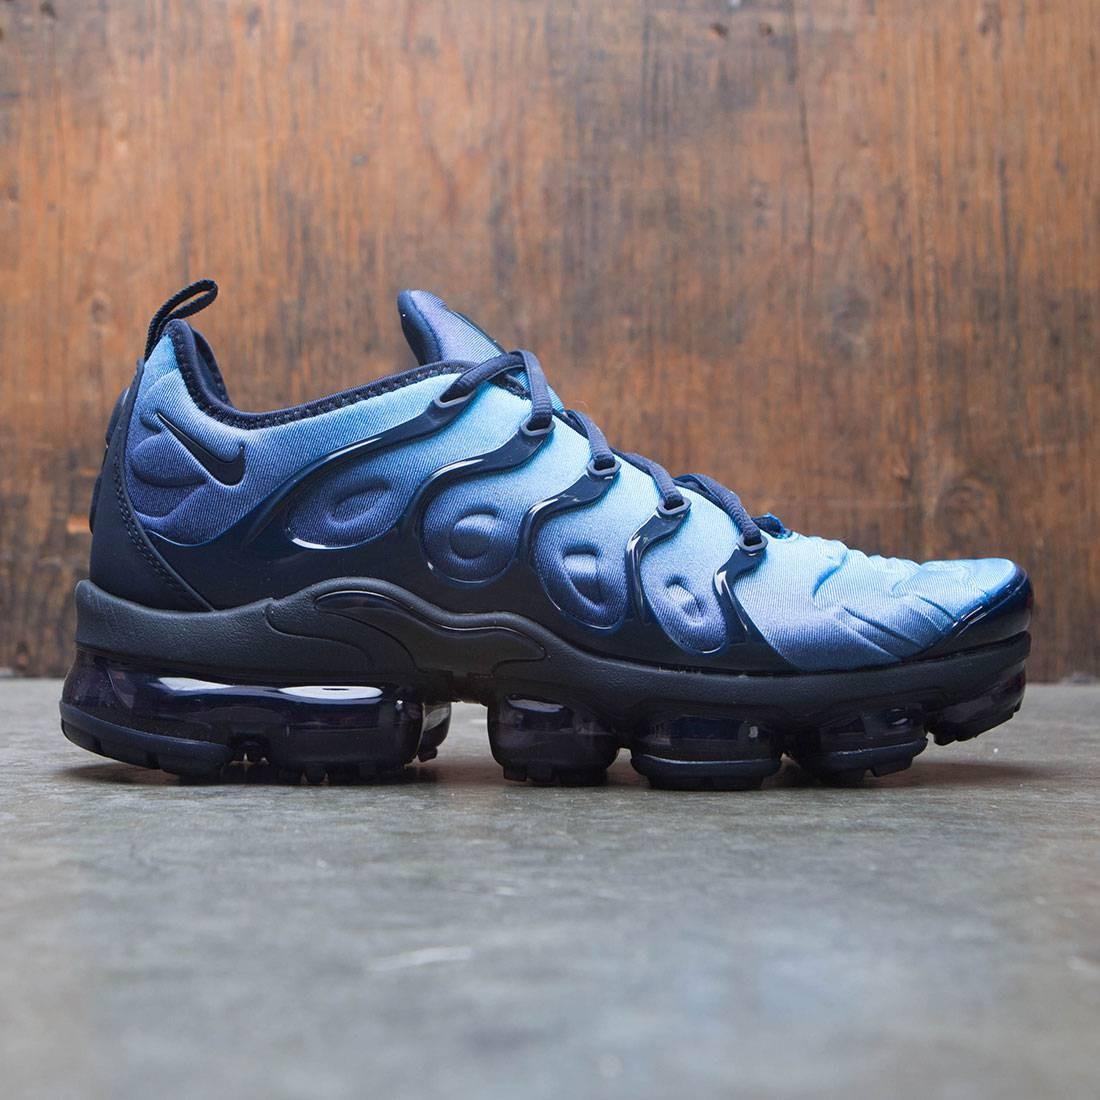 Nike Vapormax Blue Black